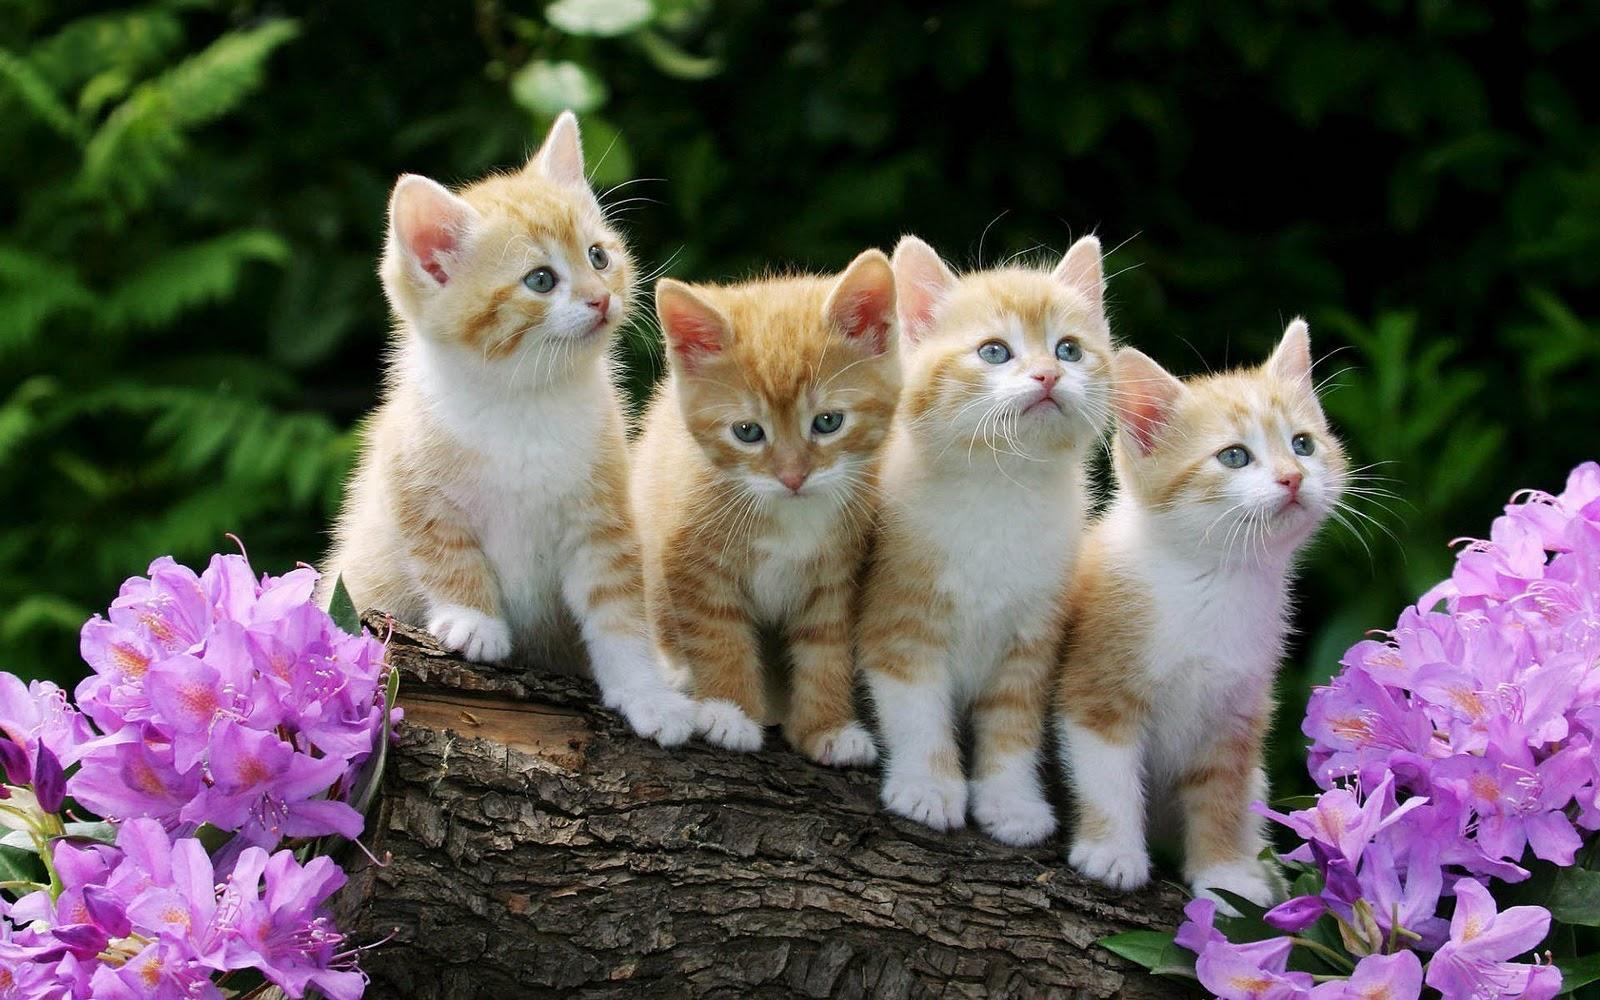 Kitten achtergronden hd wallpapers - Cute kittens hd images ...